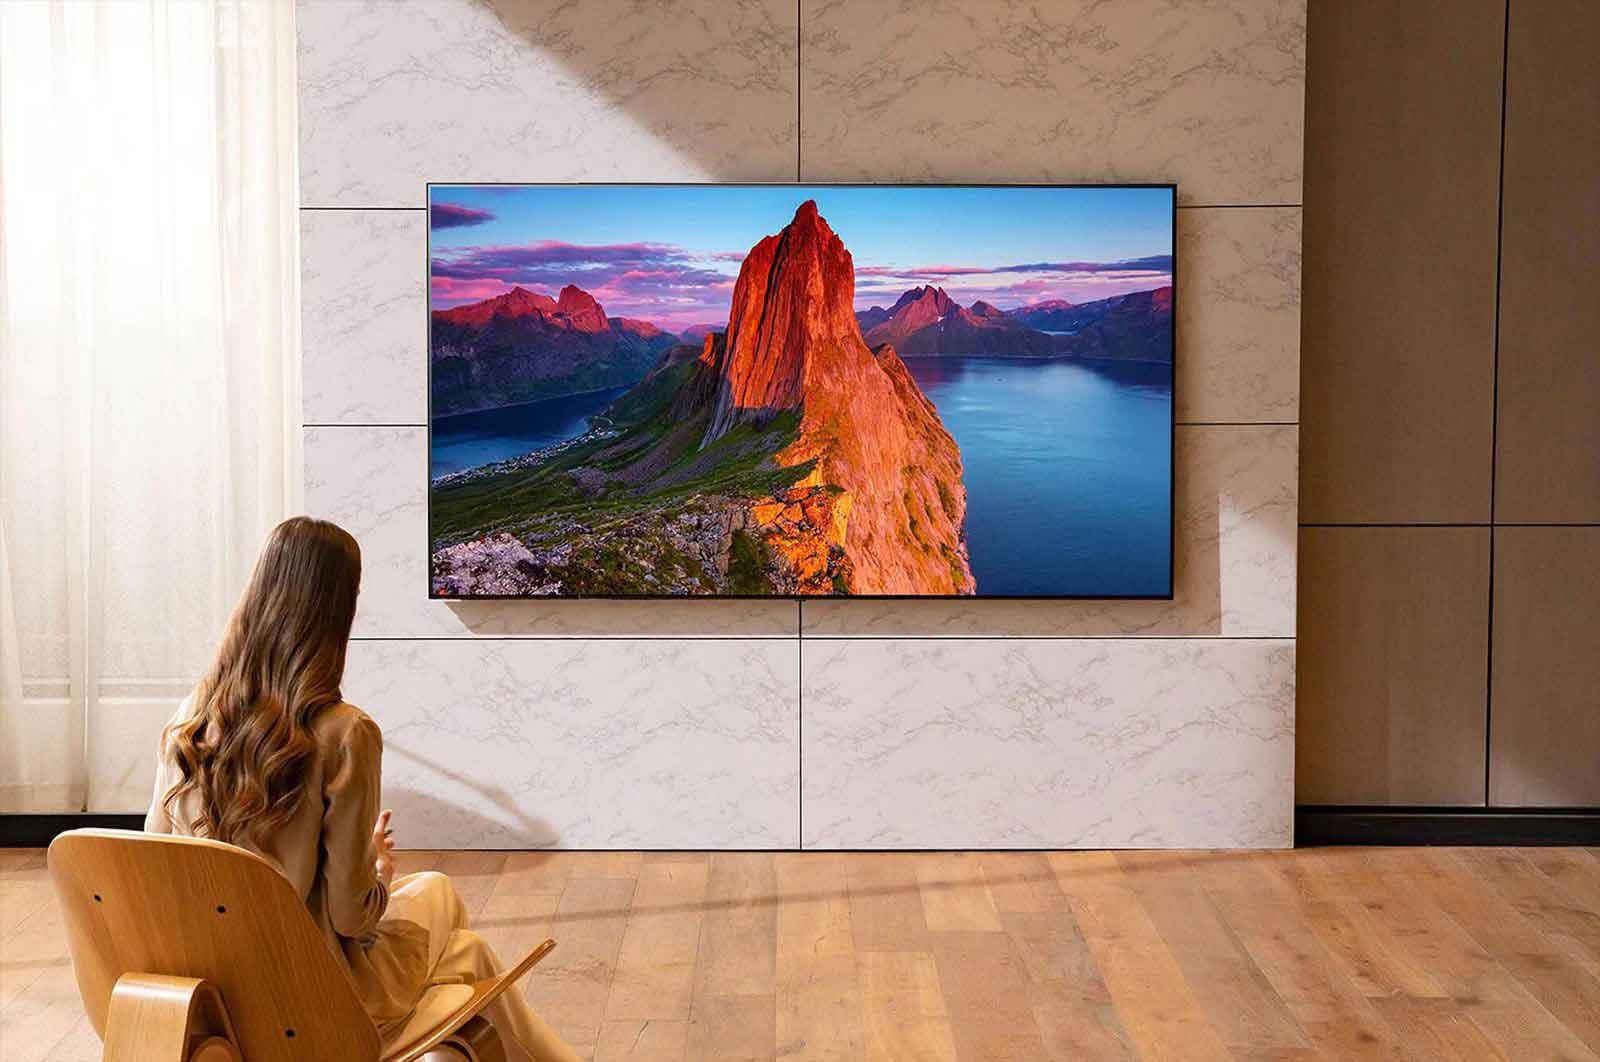 جدیدترین تلویزیون های ال جی 2021